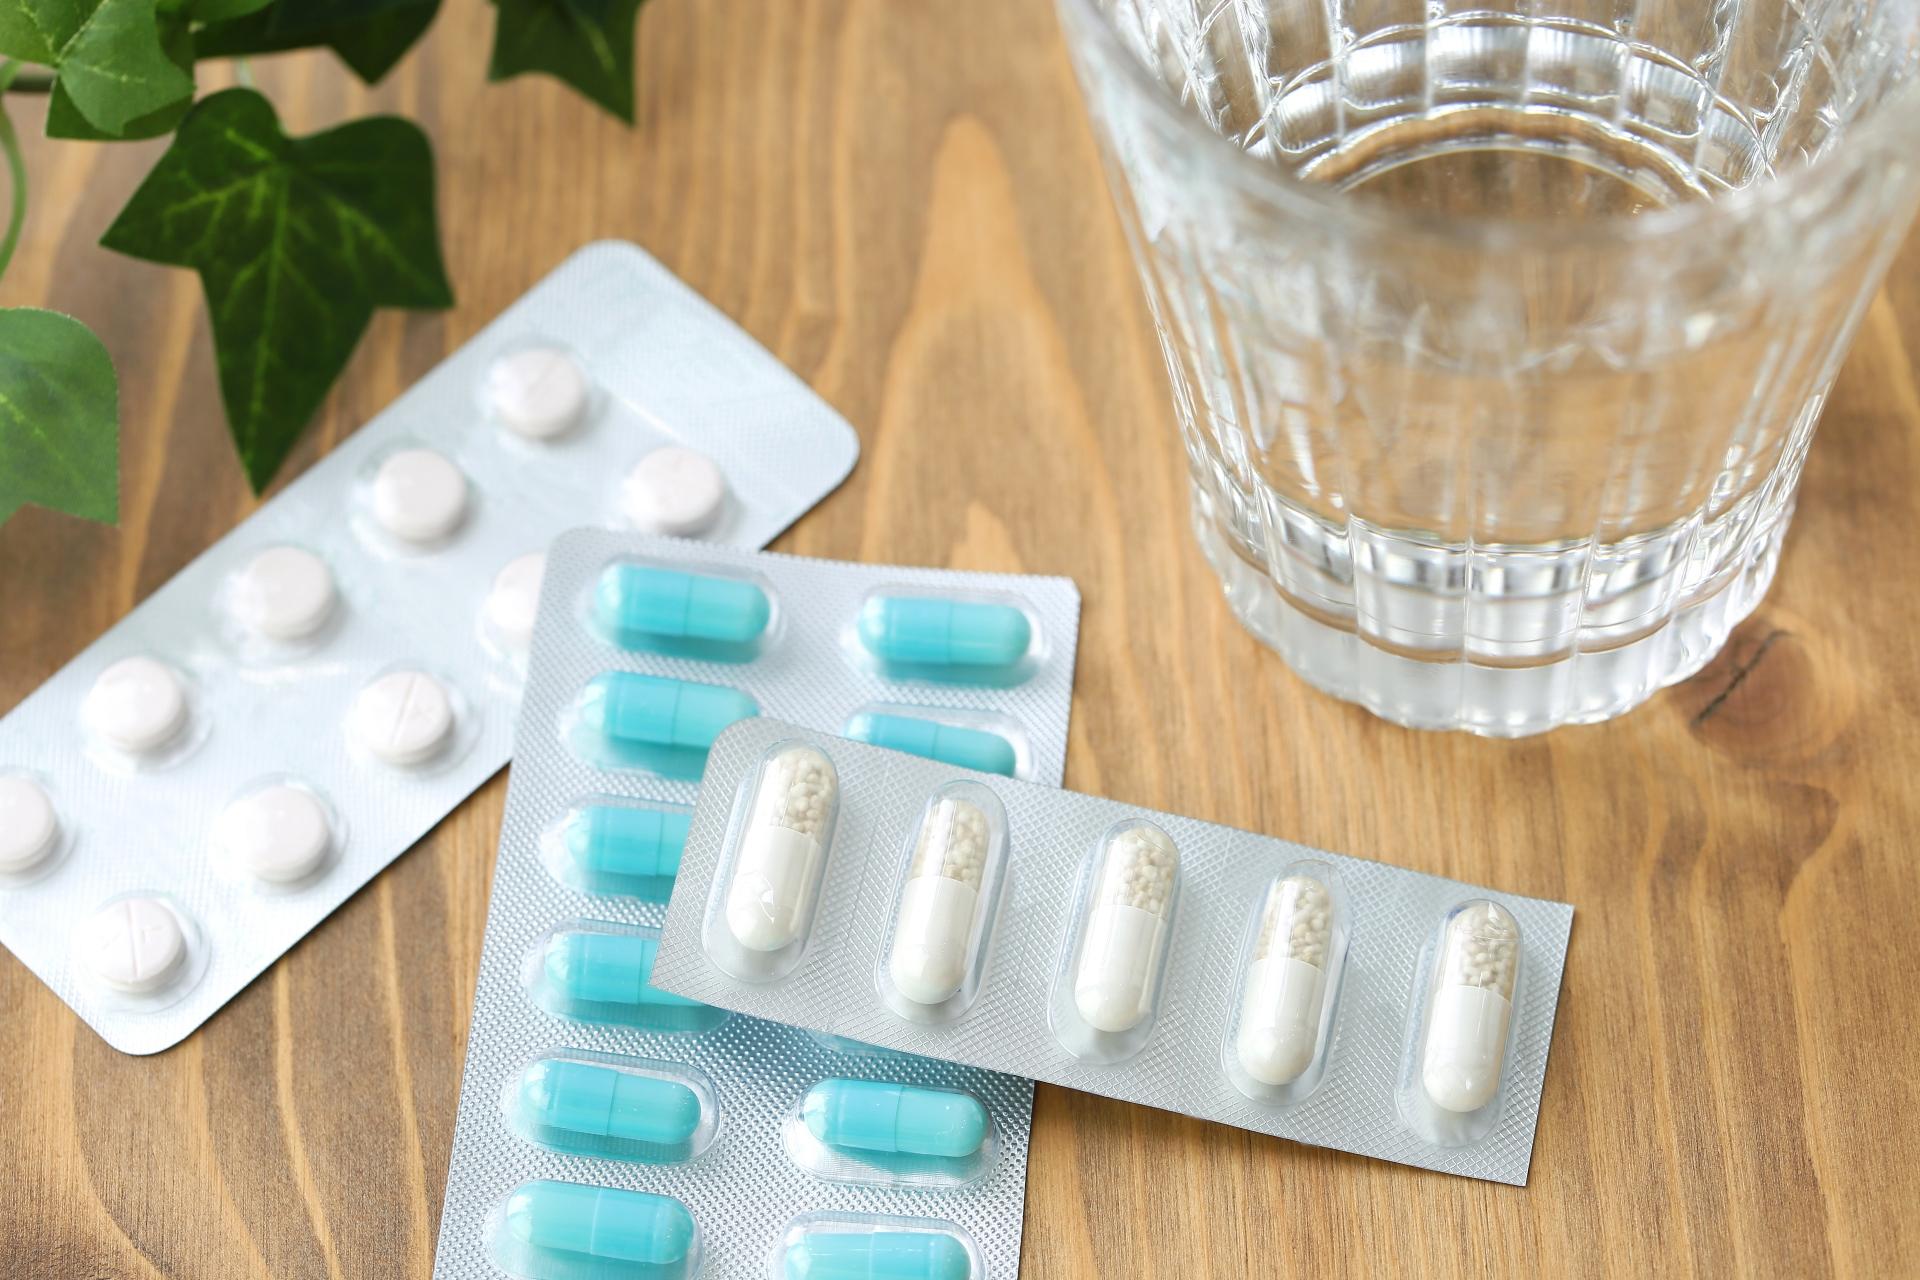 関節リウマチの薬